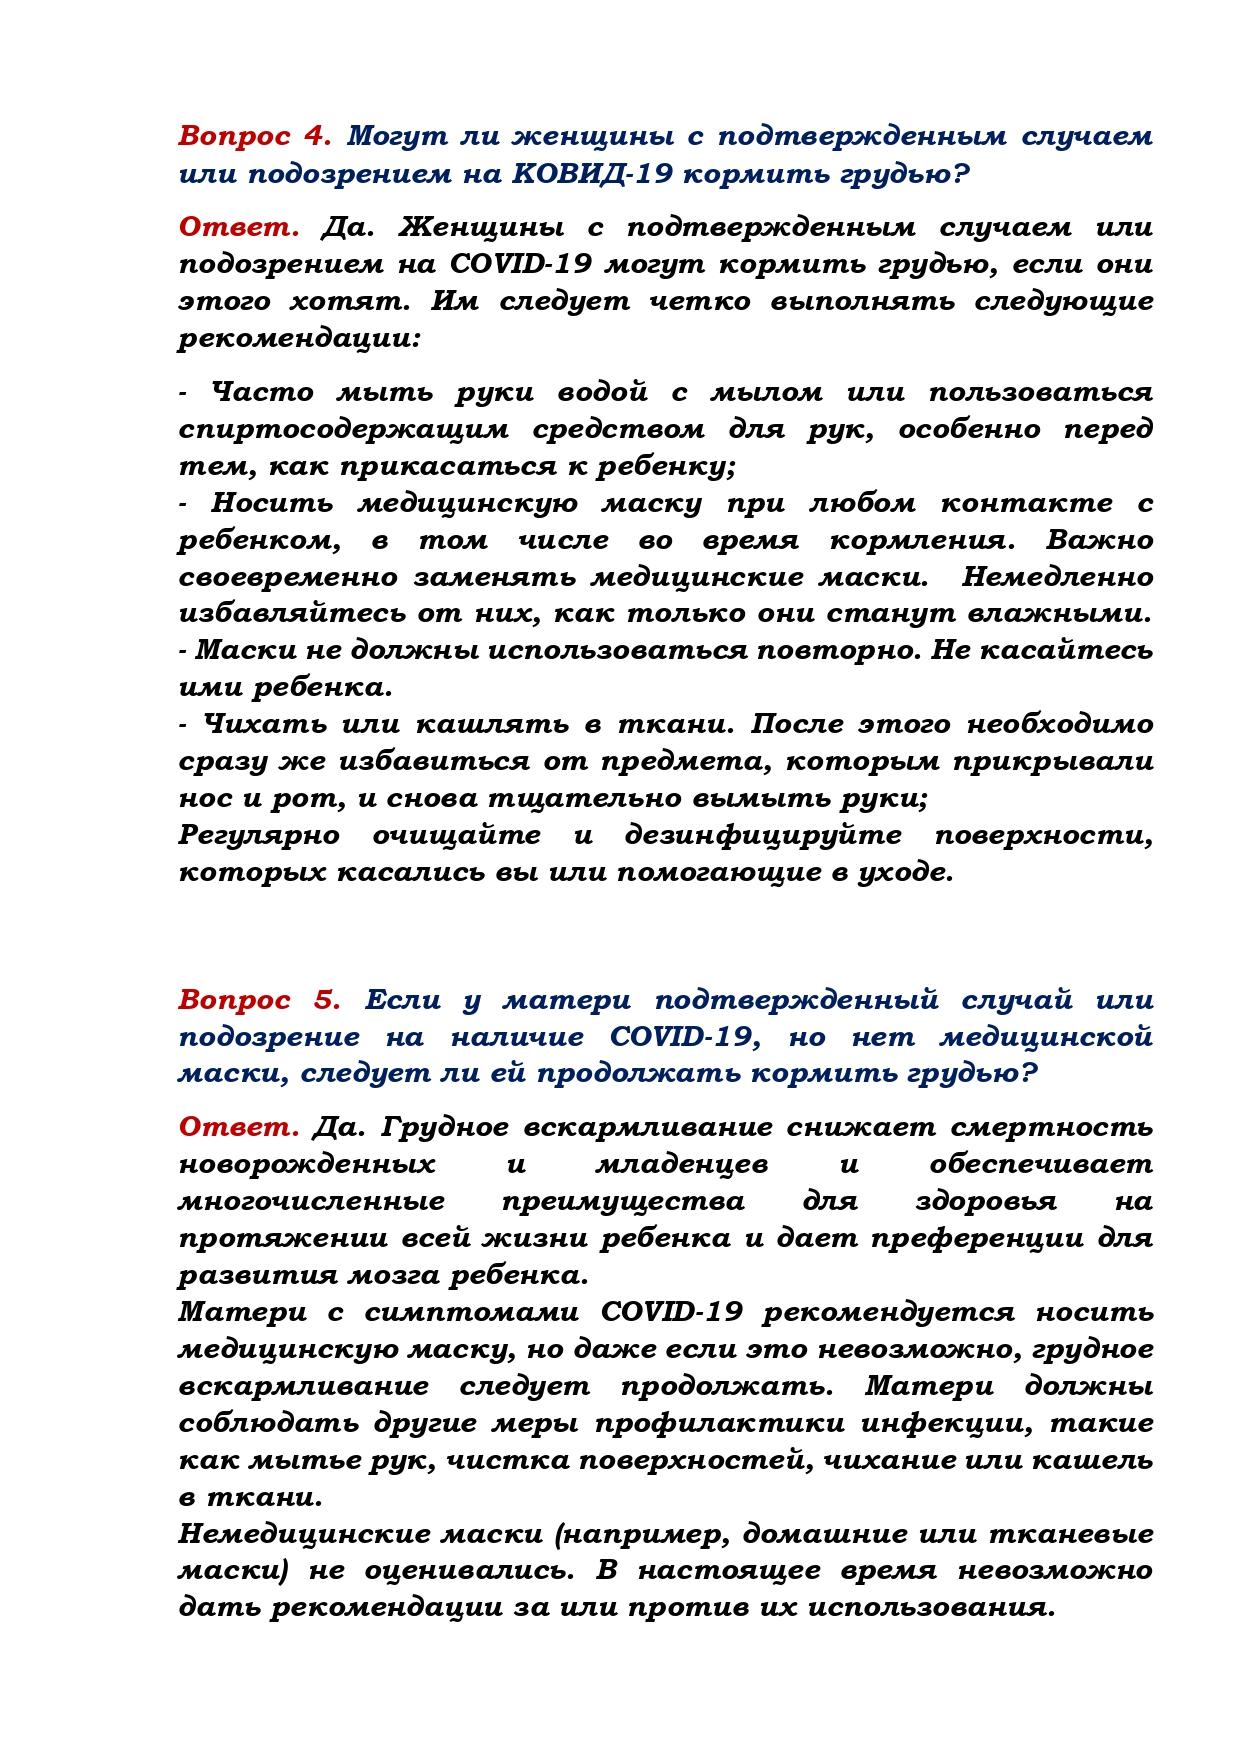 Памятка-Вопросы-и-ответы-Груднок-вскармливание-и-Covid-19_page-0002